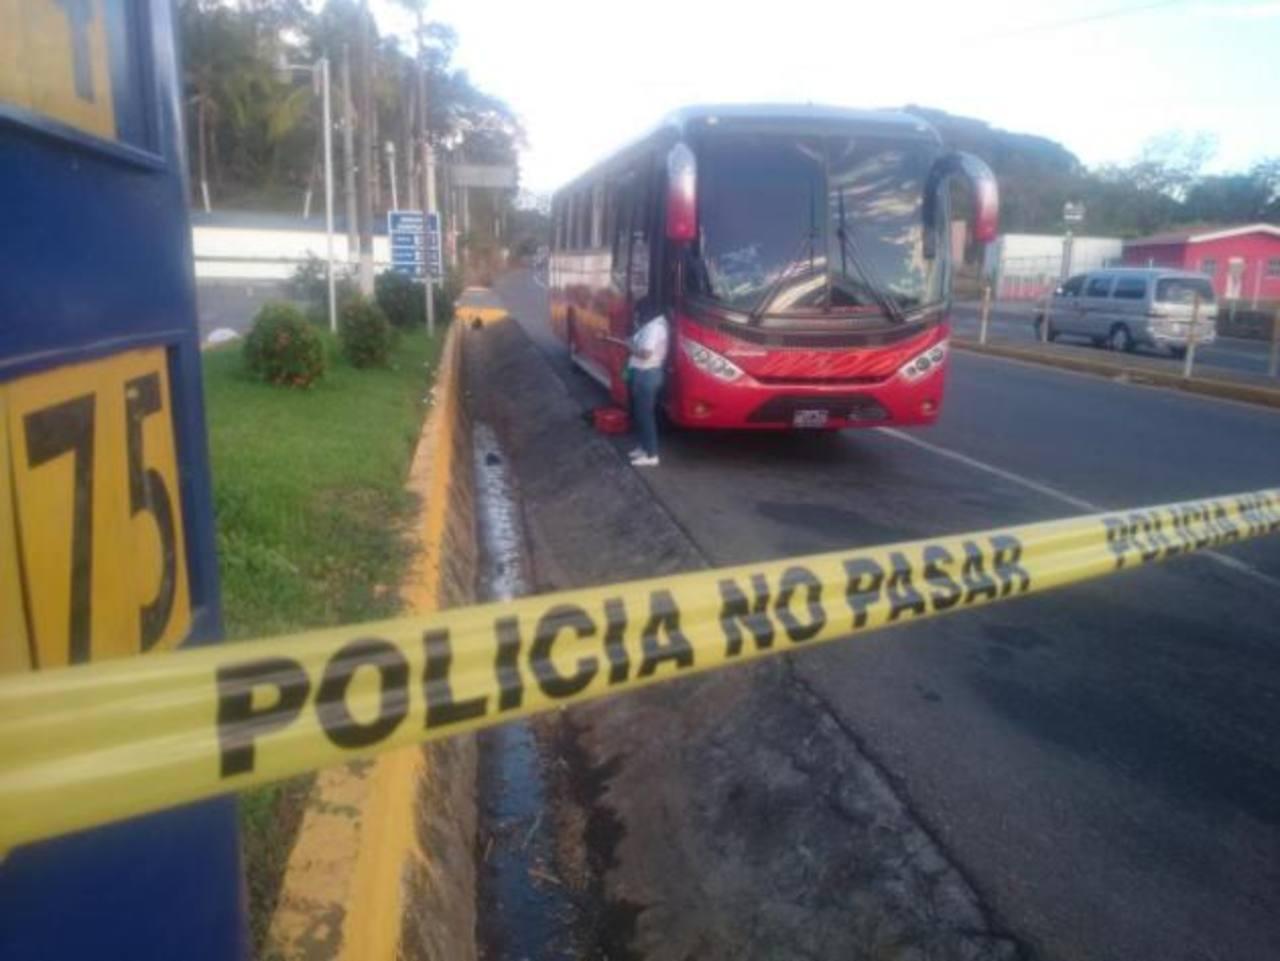 Escena de doble homicidio al interior de autobús en San Miguel. /